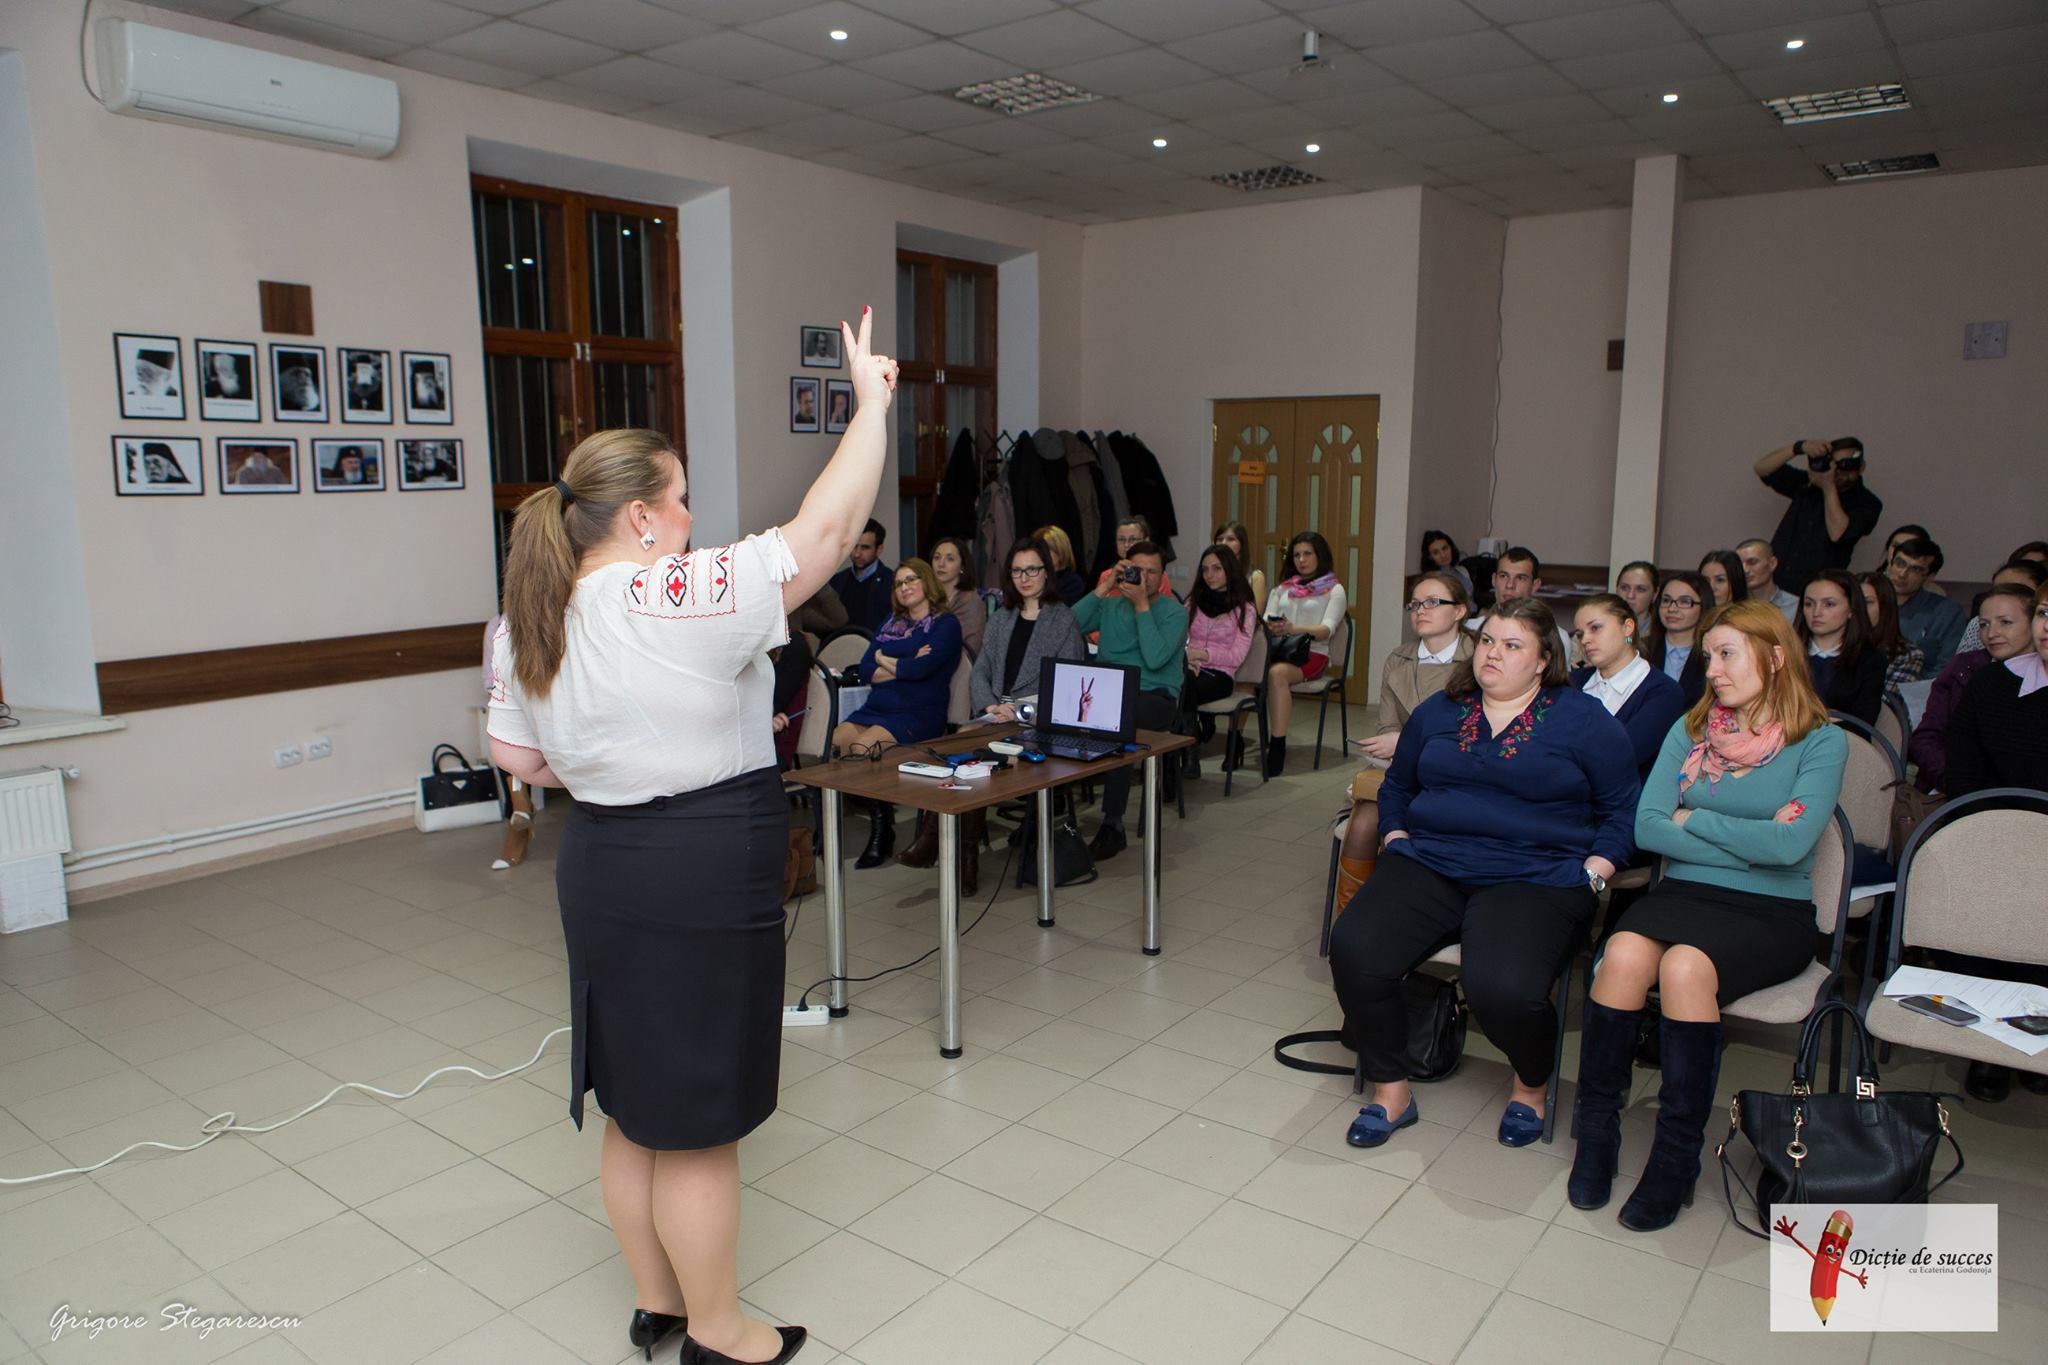 Lecție cu frământări de limbă, expresivitate în comunicare - Chișinău, Moldova